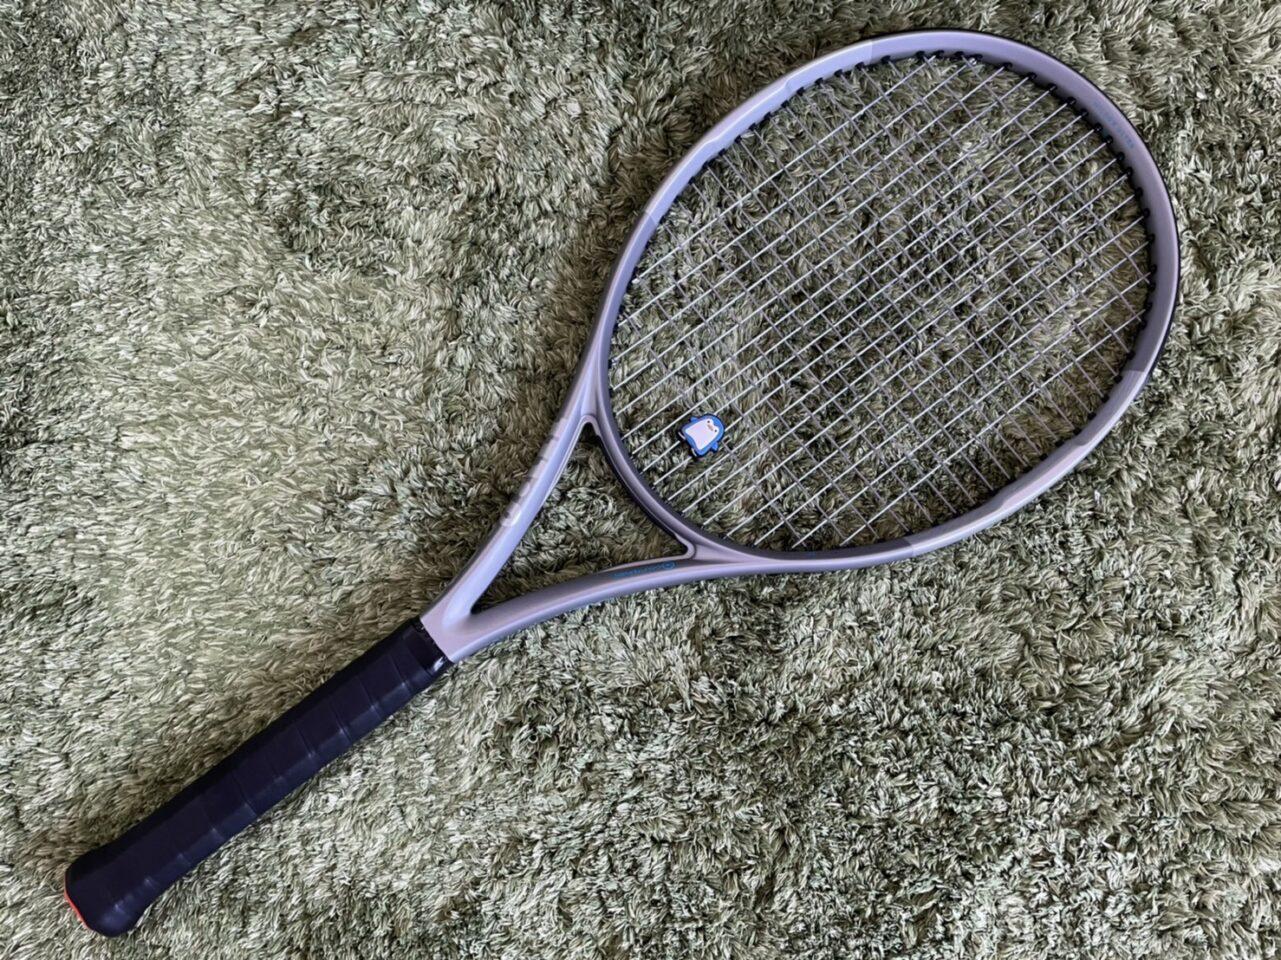 【Wilson】ULTRA100 LTD Tennis-Point|インプレ・レビュー